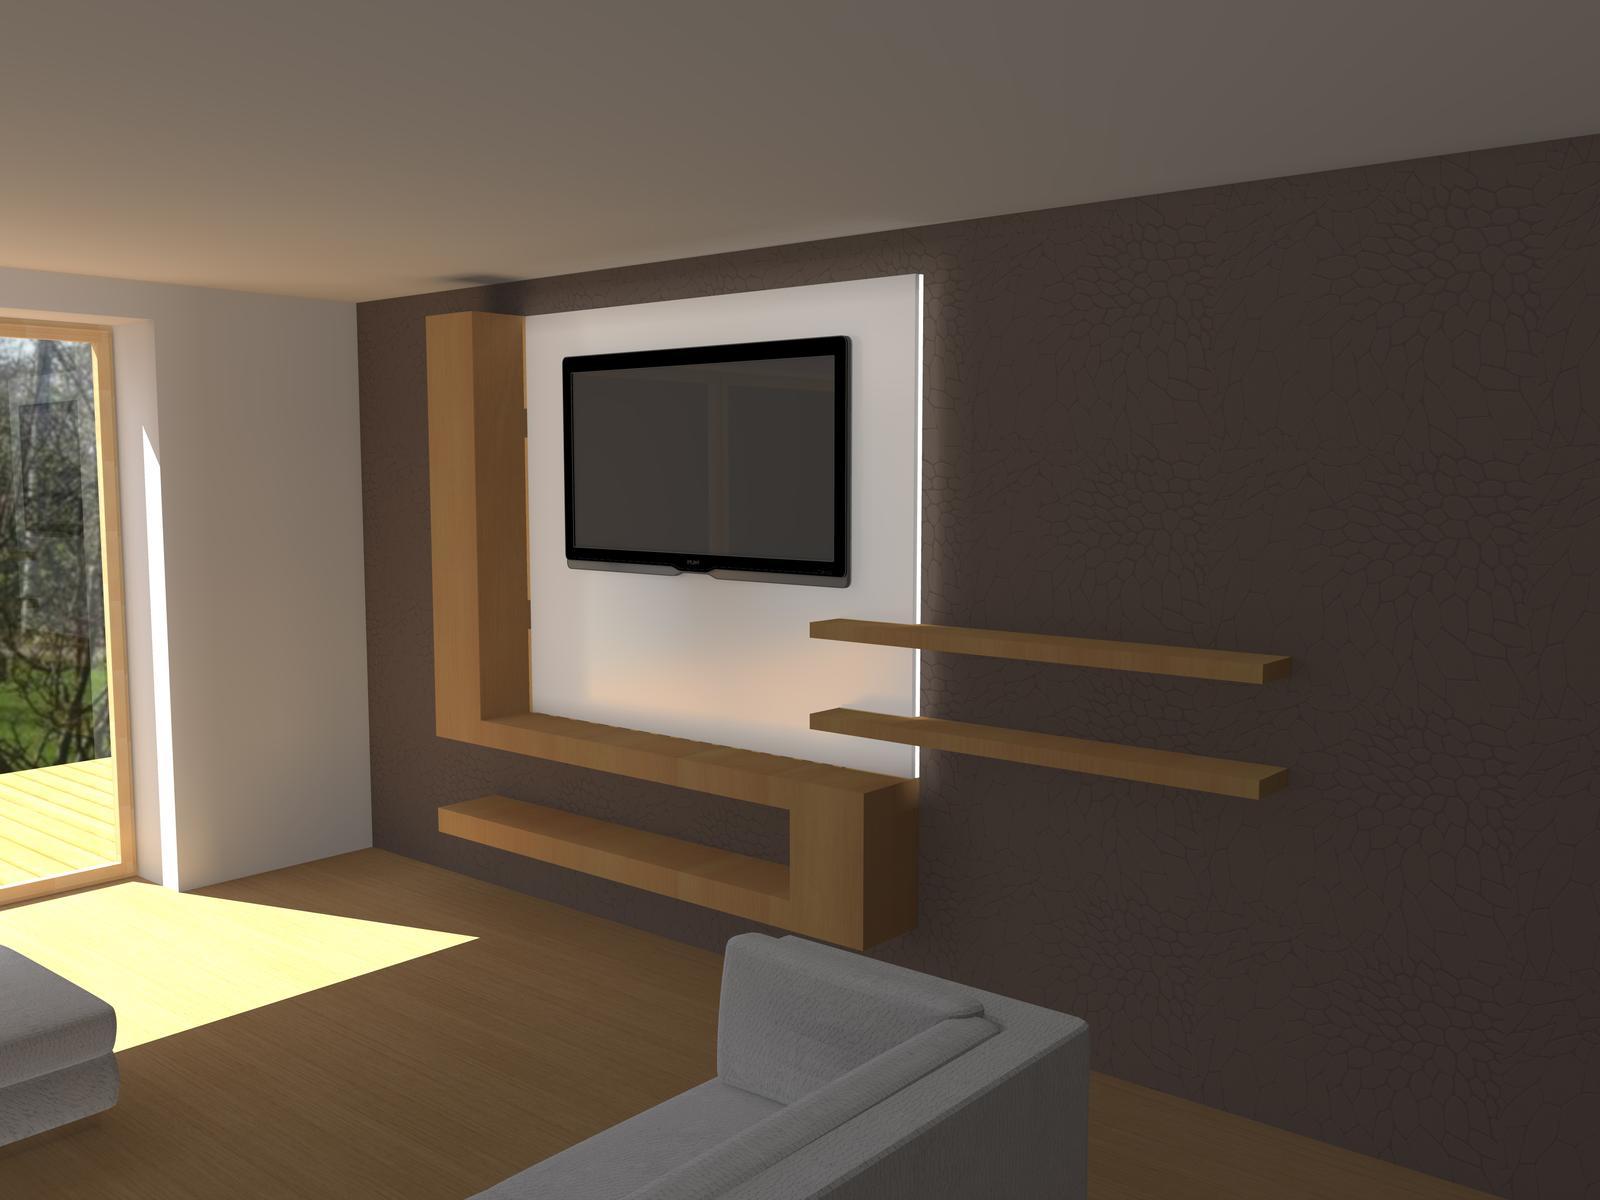 Obýváky - Obrázek č. 1